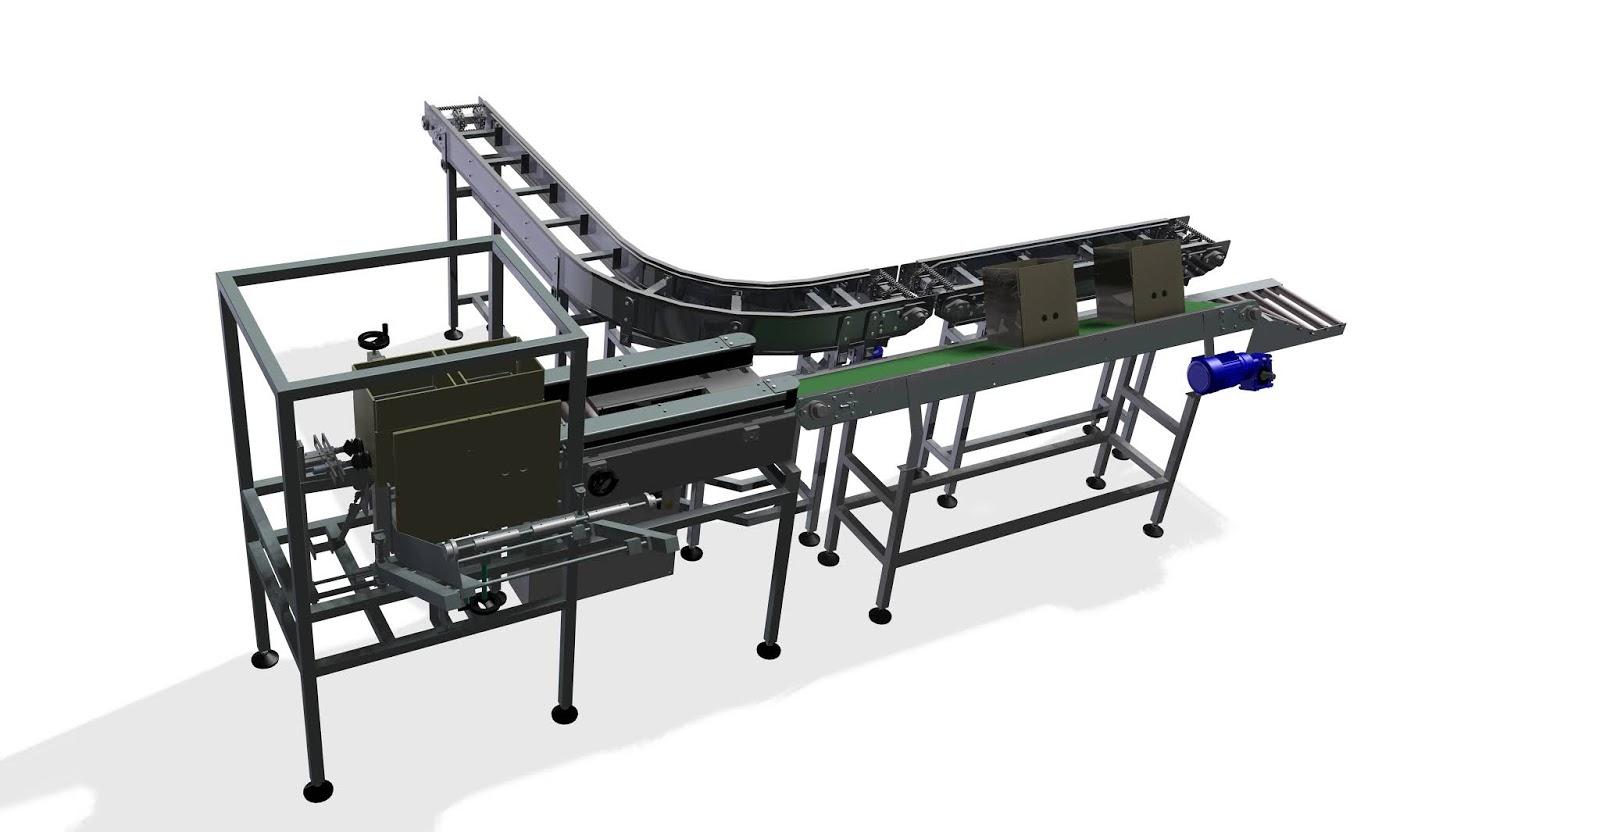 Conveyor belt bliss former || Download free 3D cad models